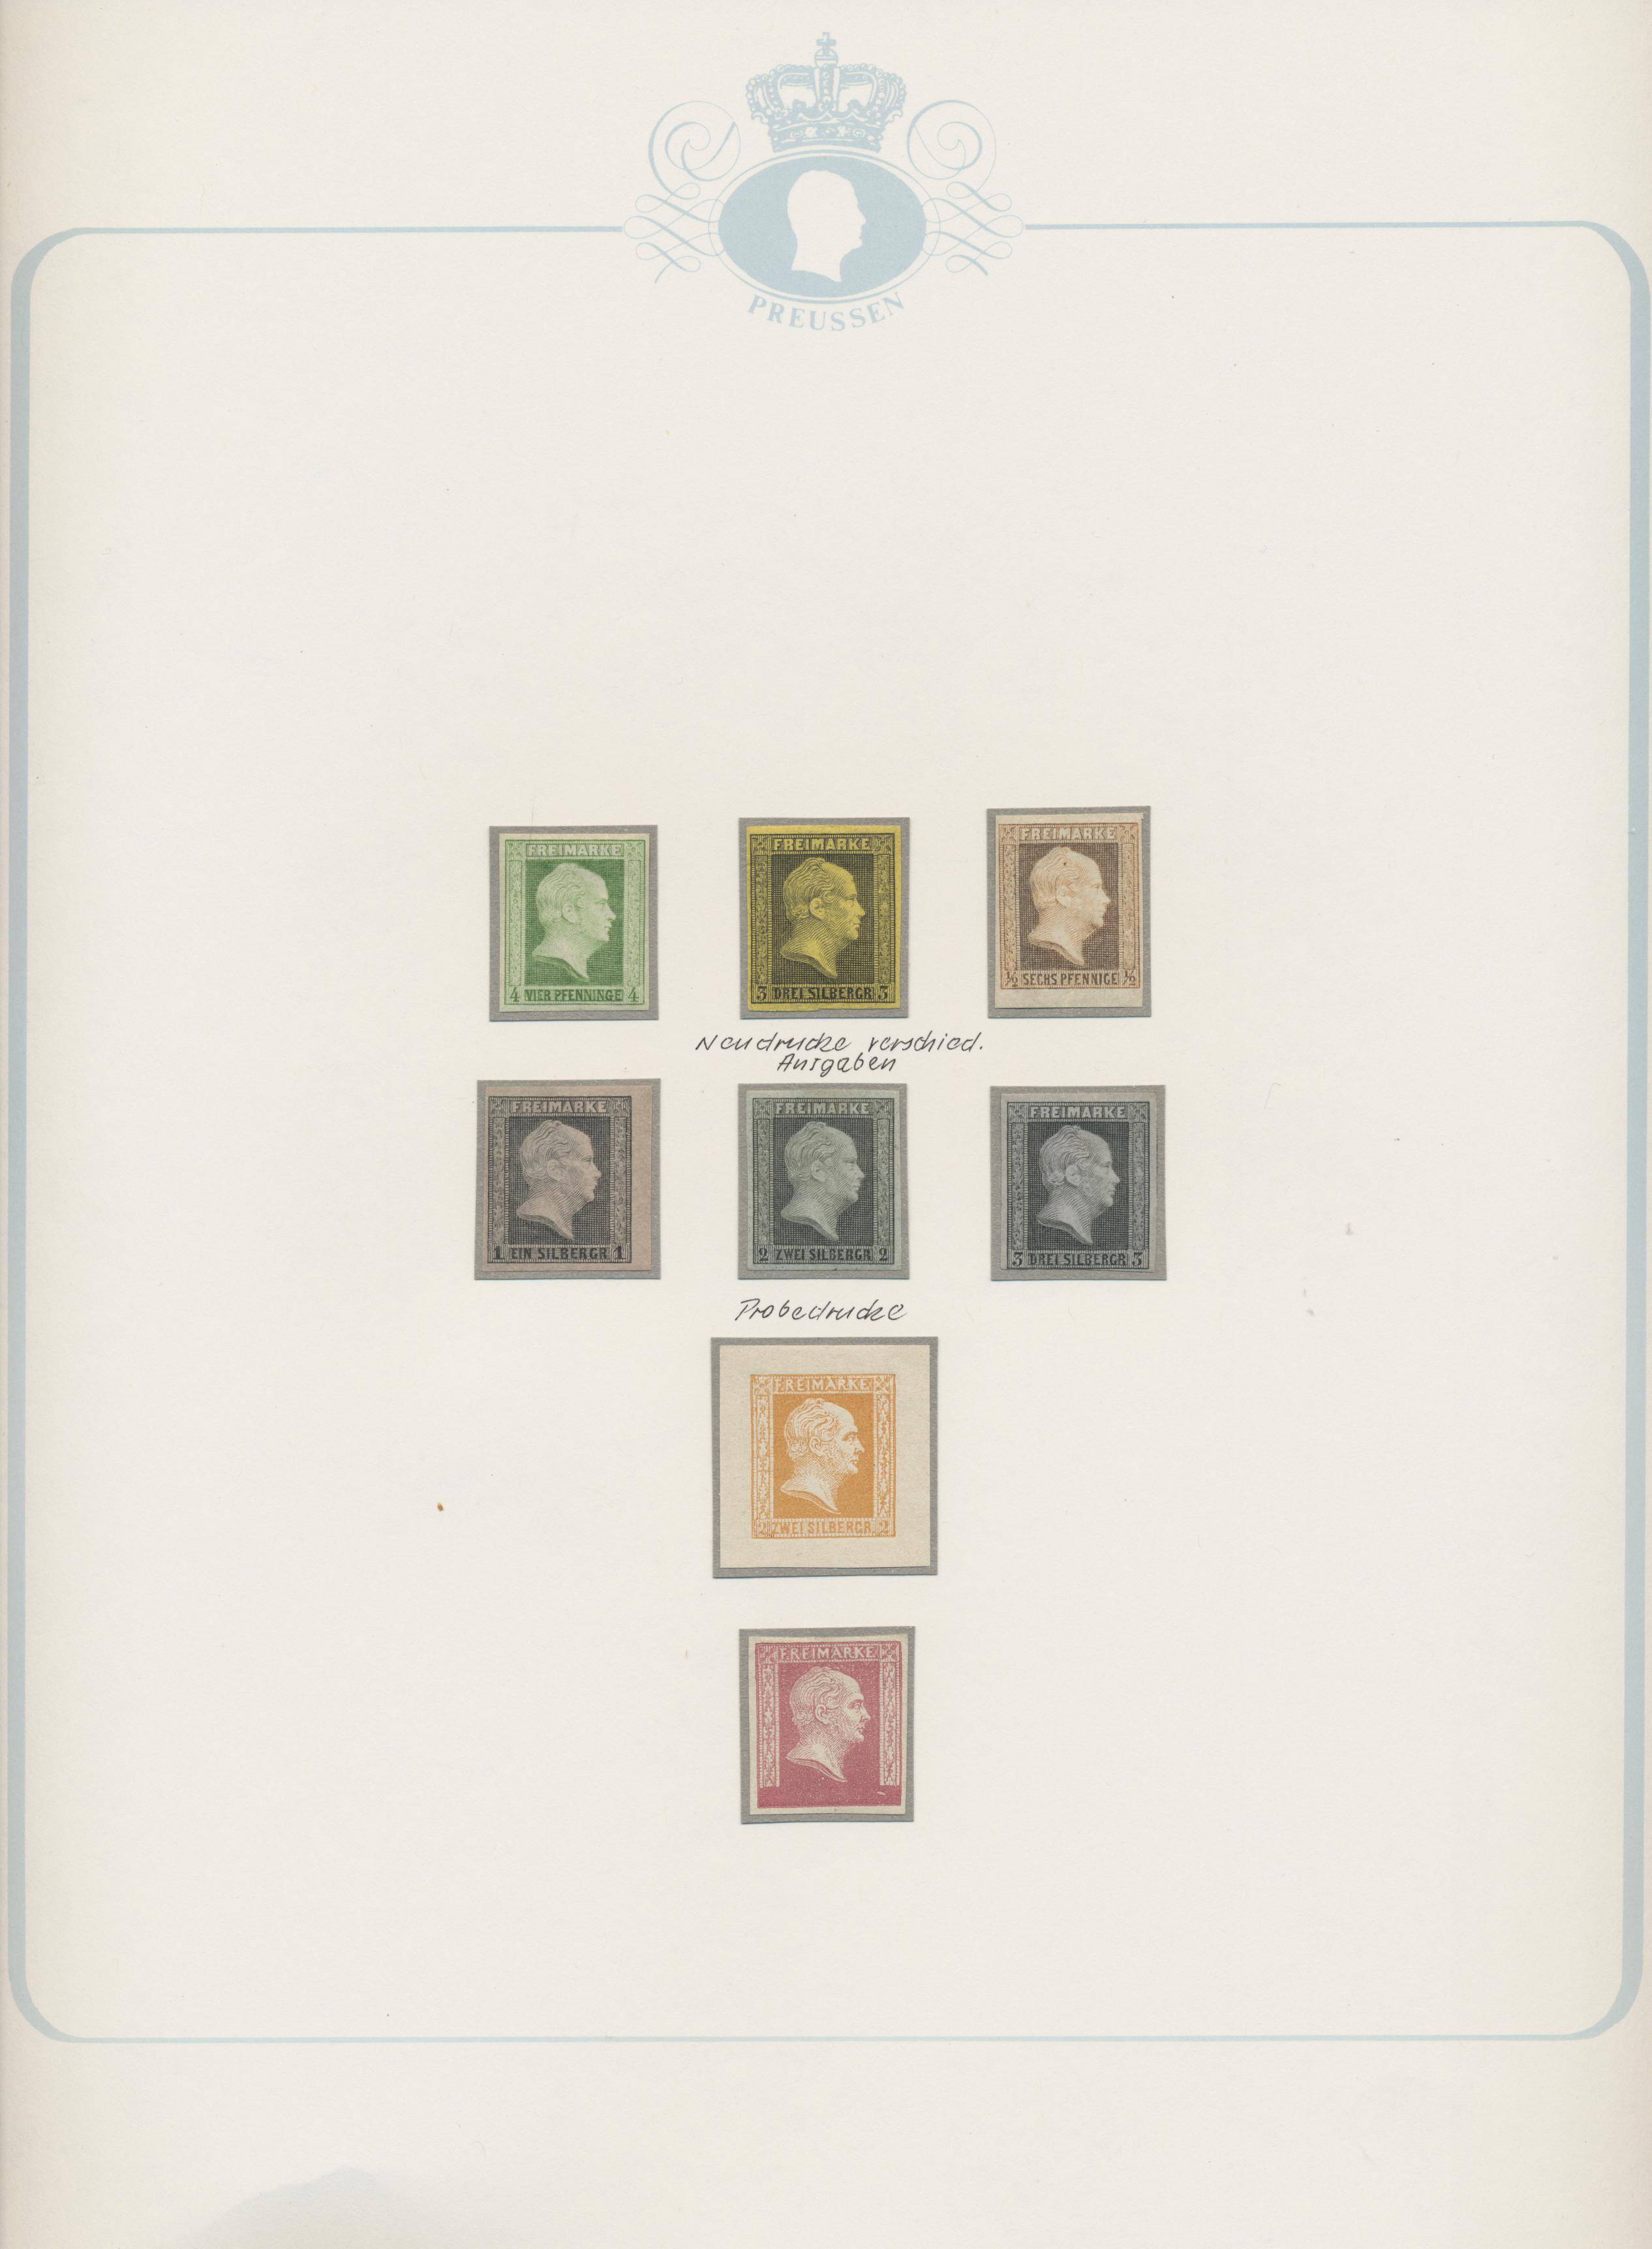 Lot 35170 - Preußen - Marken und Briefe  -  Auktionshaus Christoph Gärtner GmbH & Co. KG Sale #44 Collections Germany